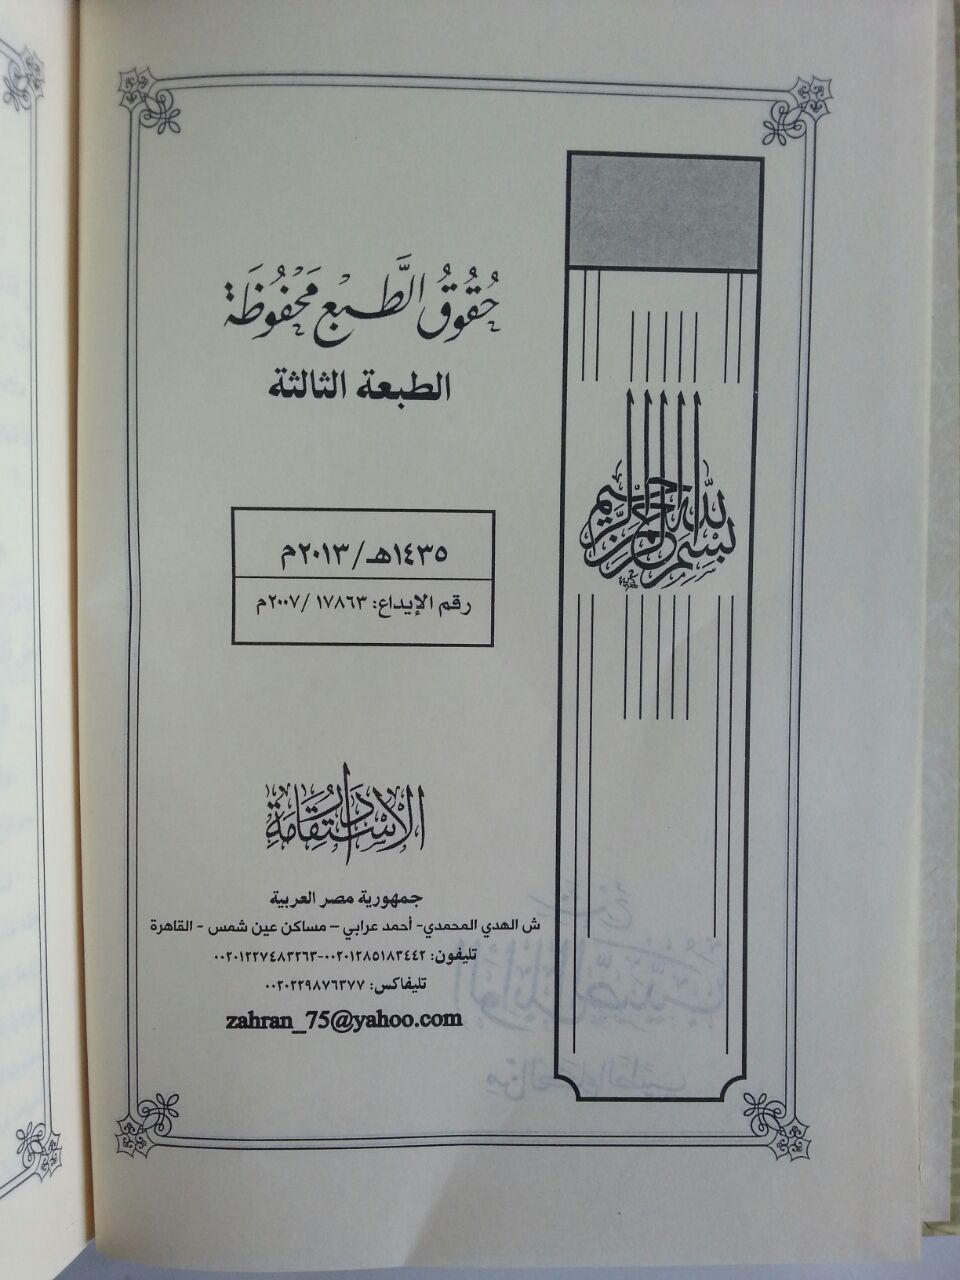 Kitab Syarh Al-Wabil Ash-Shayyib Min Kalam Ath-Thayyib isi